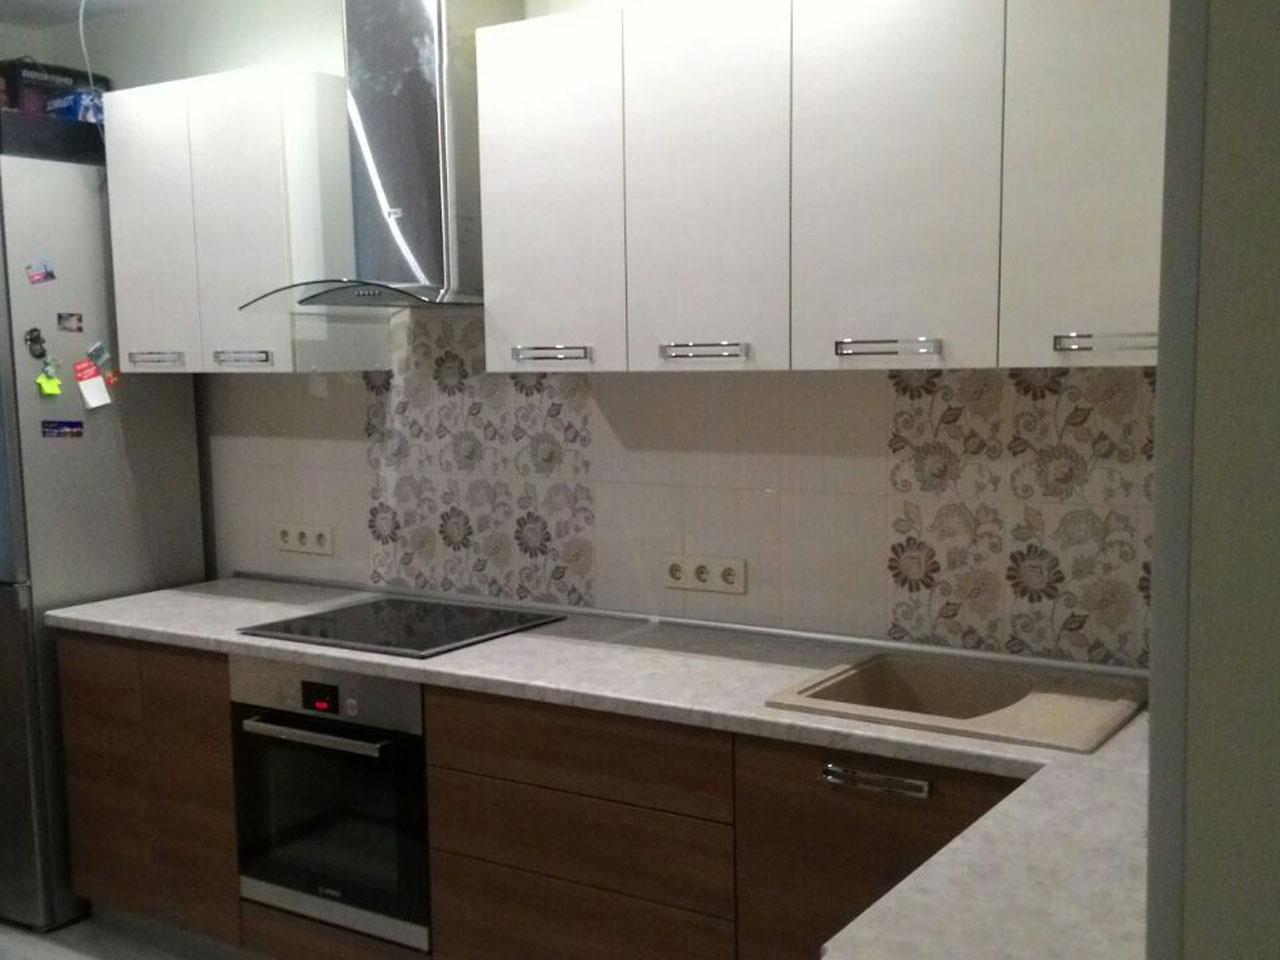 Фото. Кухня эконом класса. Цена 56 тыс рублей